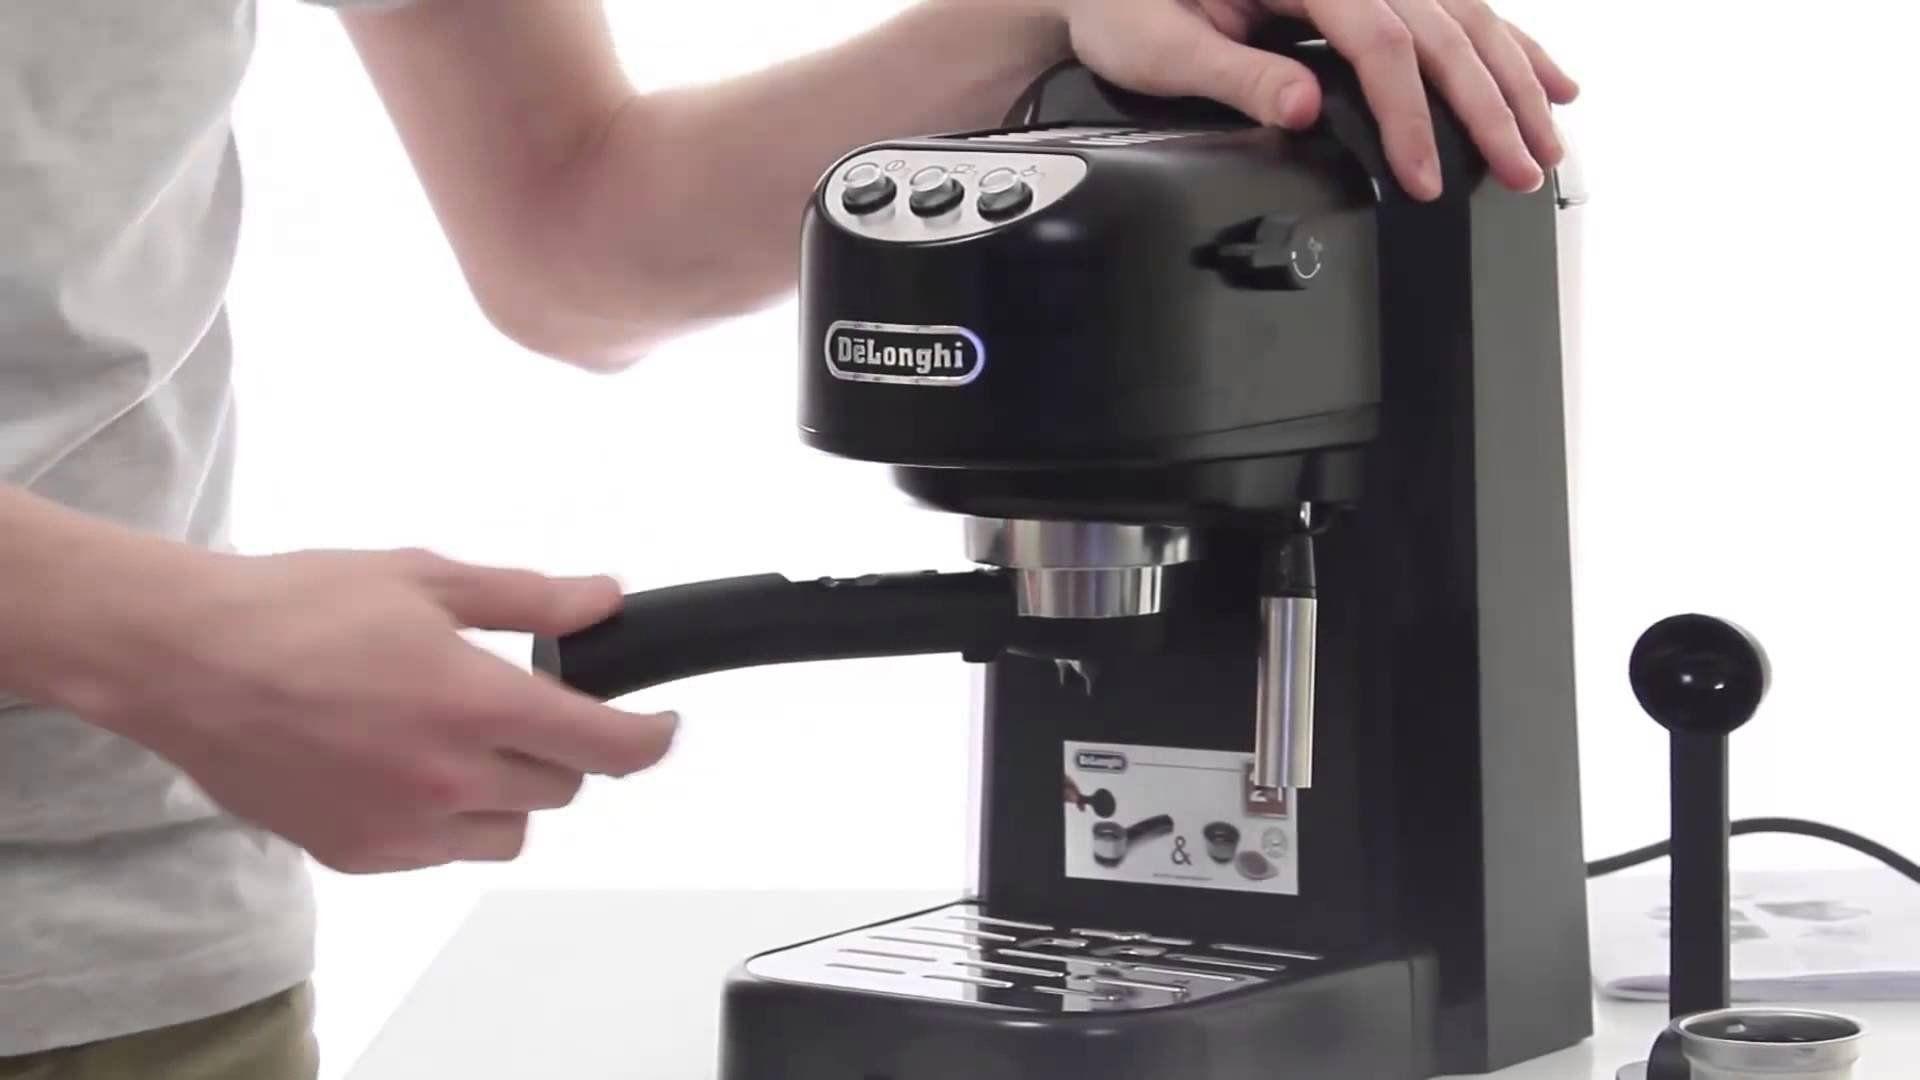 Лучшие кофемашины De'Longhi для дома и офиса в 2021 году